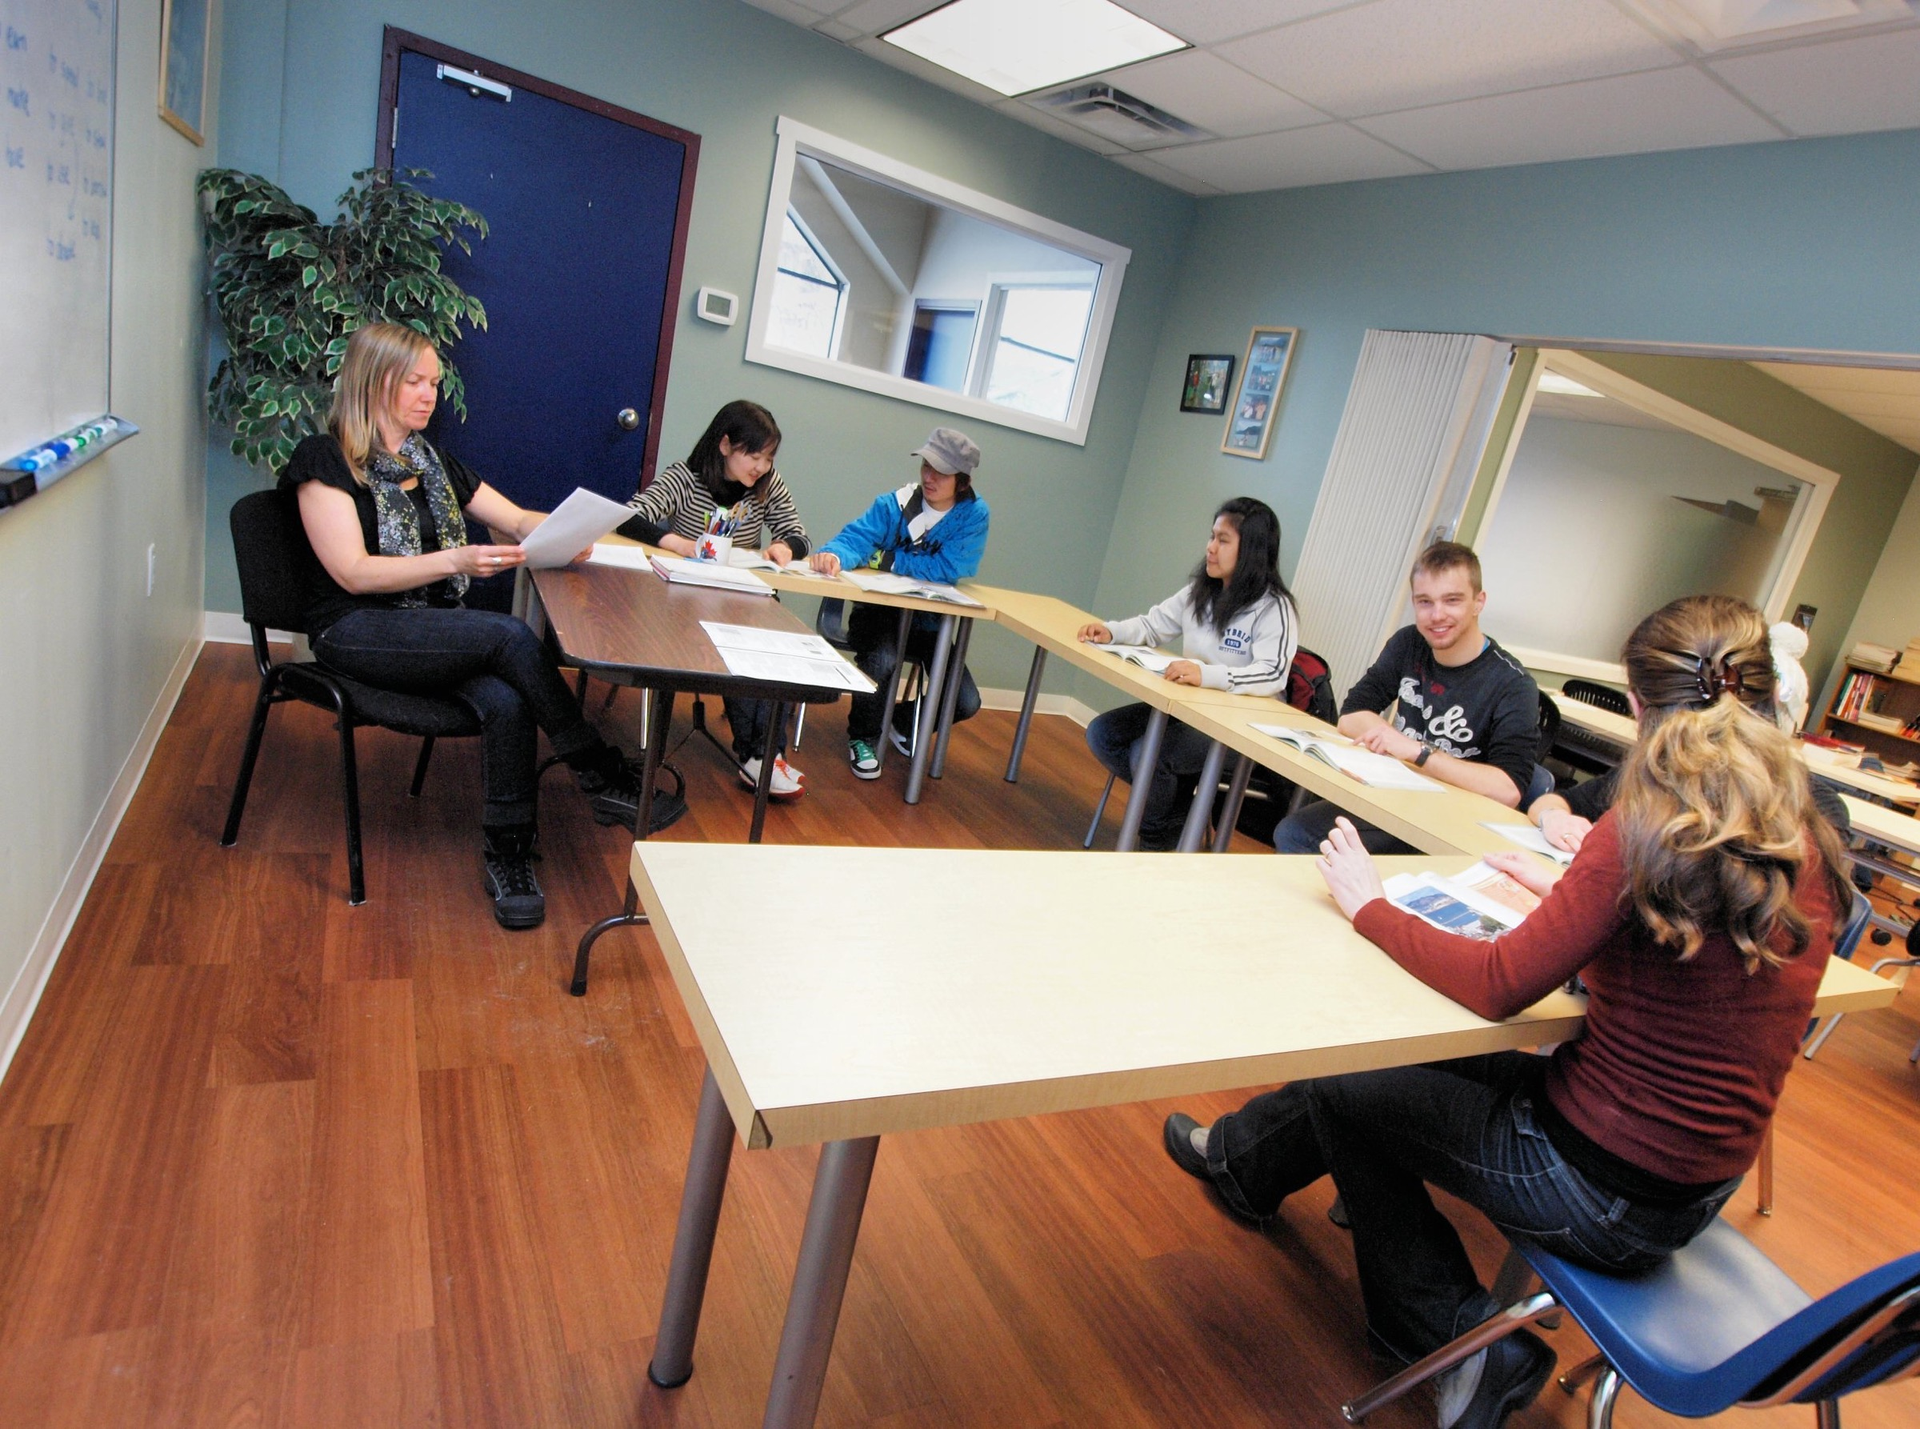 IH Whistler เรียนภาษาที่แคนาดา,เรียนต่อแคนาดา,เรียนภาษา แคนาดา,วีซ่าแคนาดา,ท่องเที่ยวแคนาดา ,เรียนภาษา ราคาถูก ,เดอะเบสท์